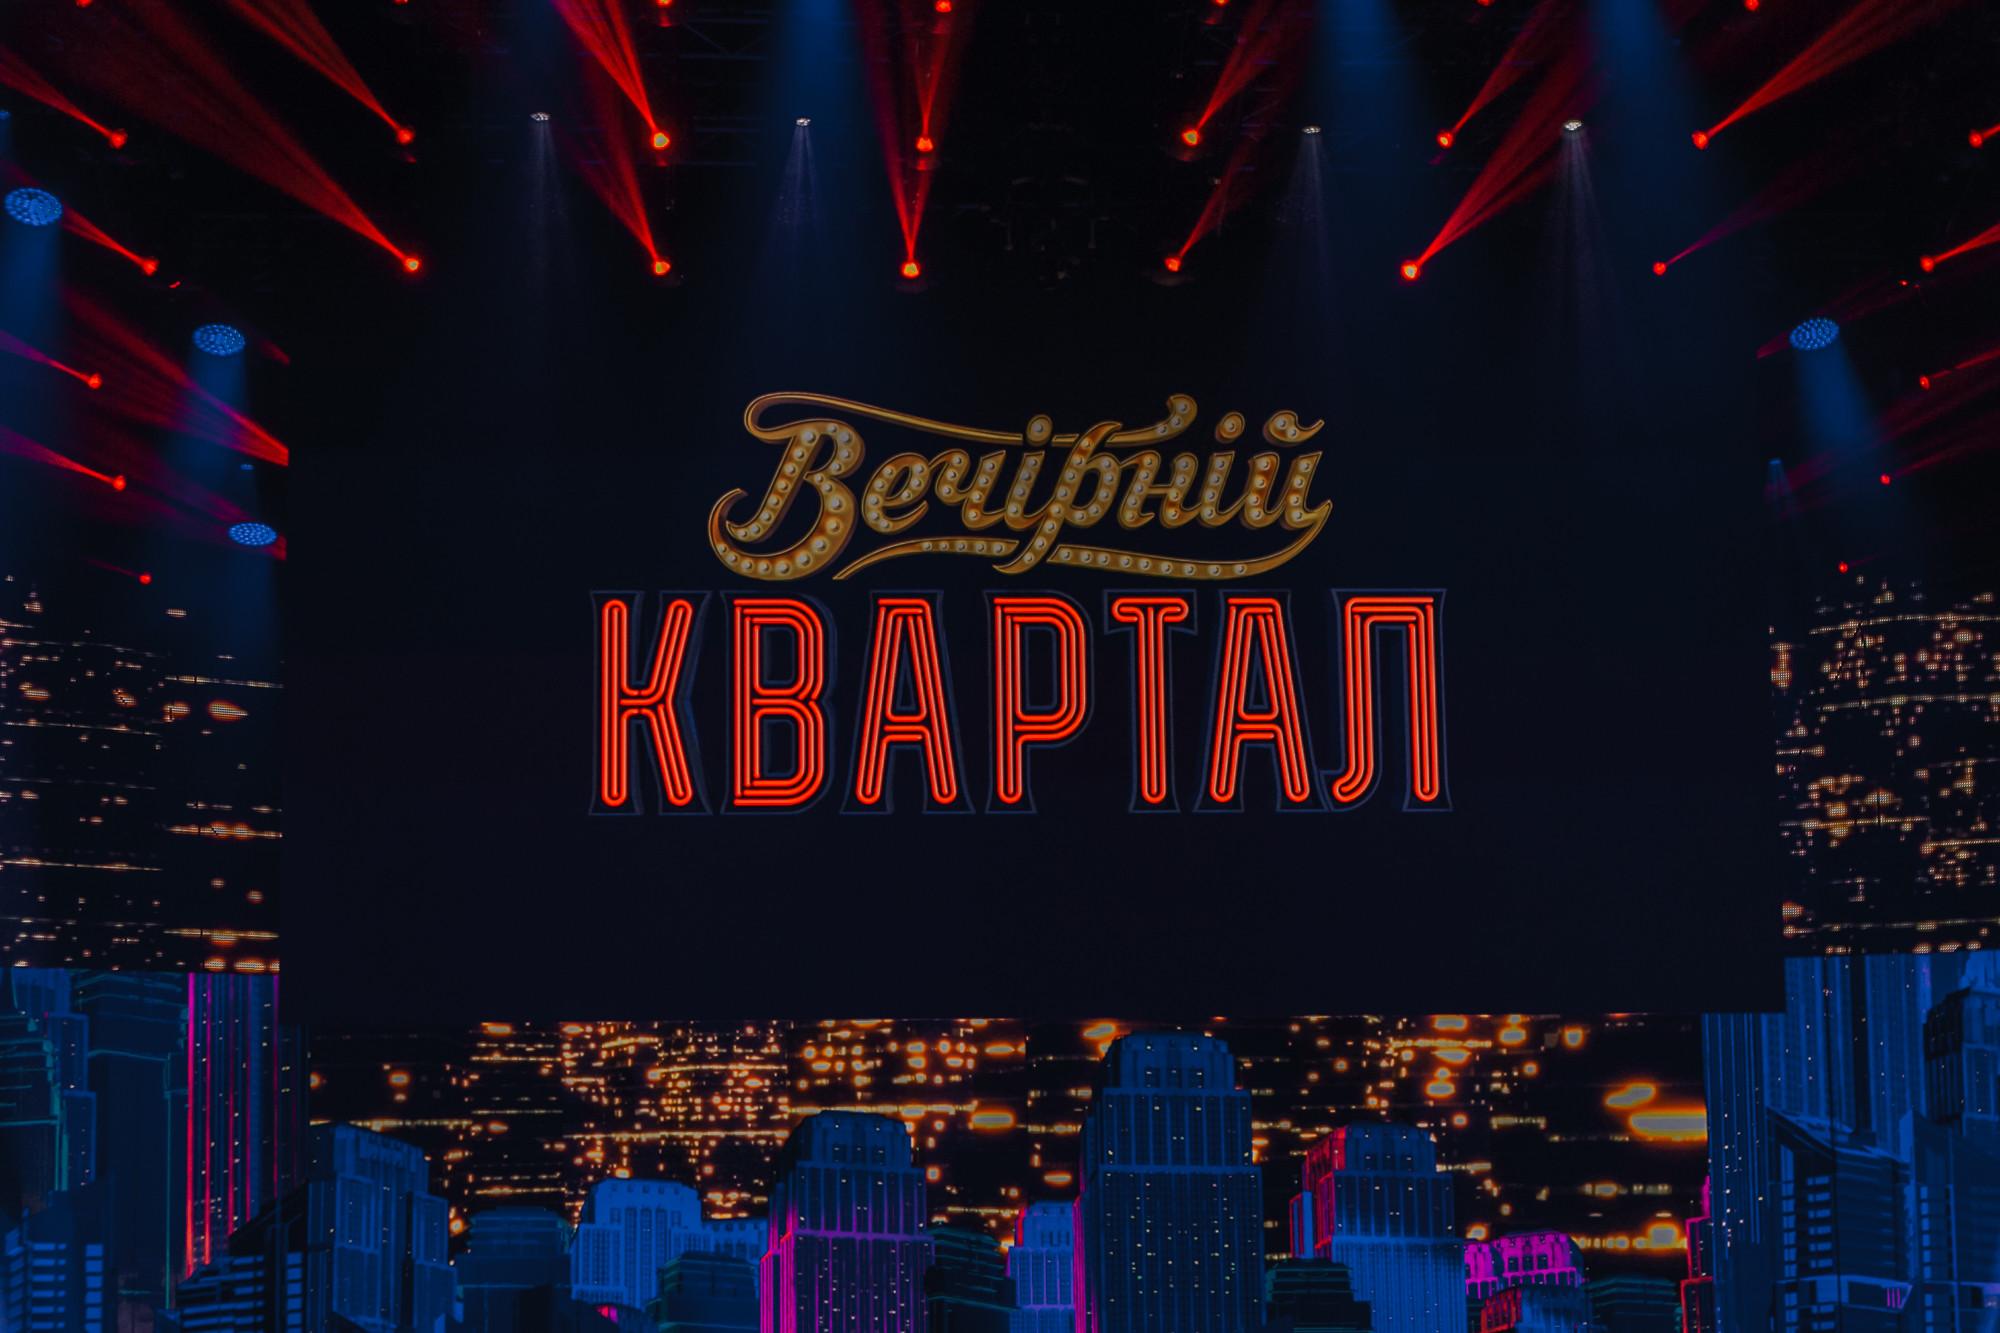 Вечірній Квартал